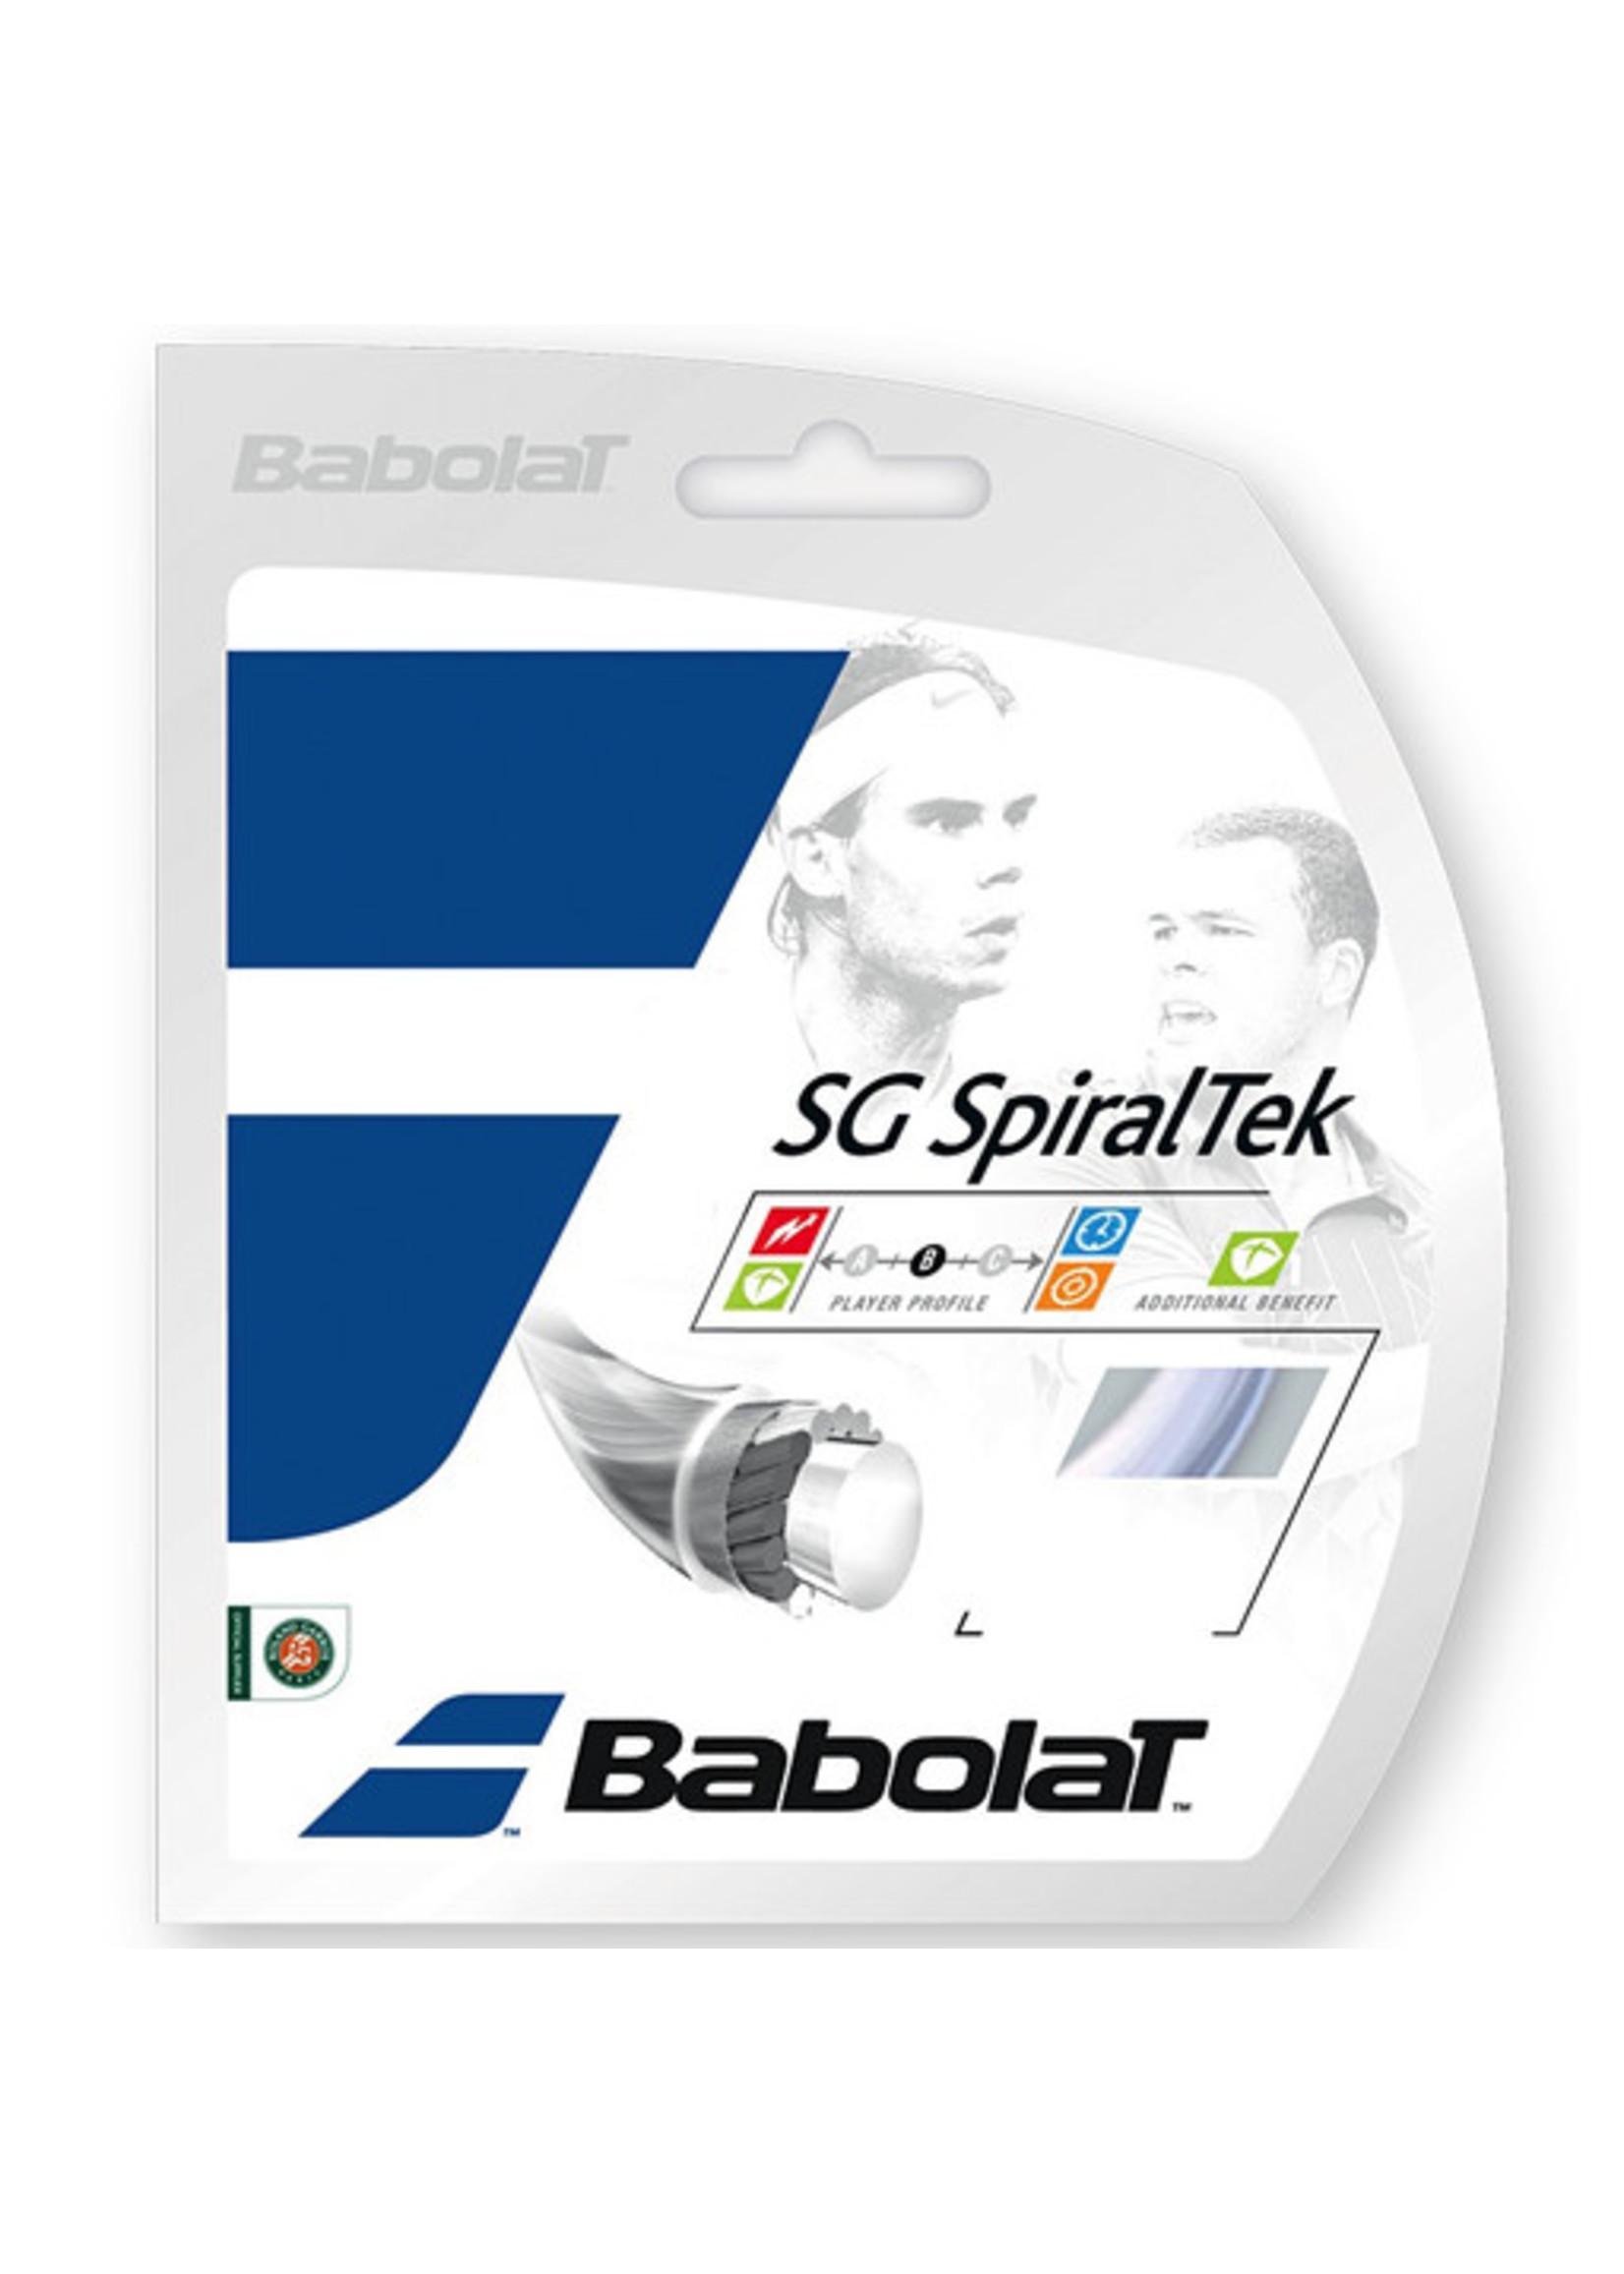 Luxilon Alu Power/ Babolat SpiralTek Restring